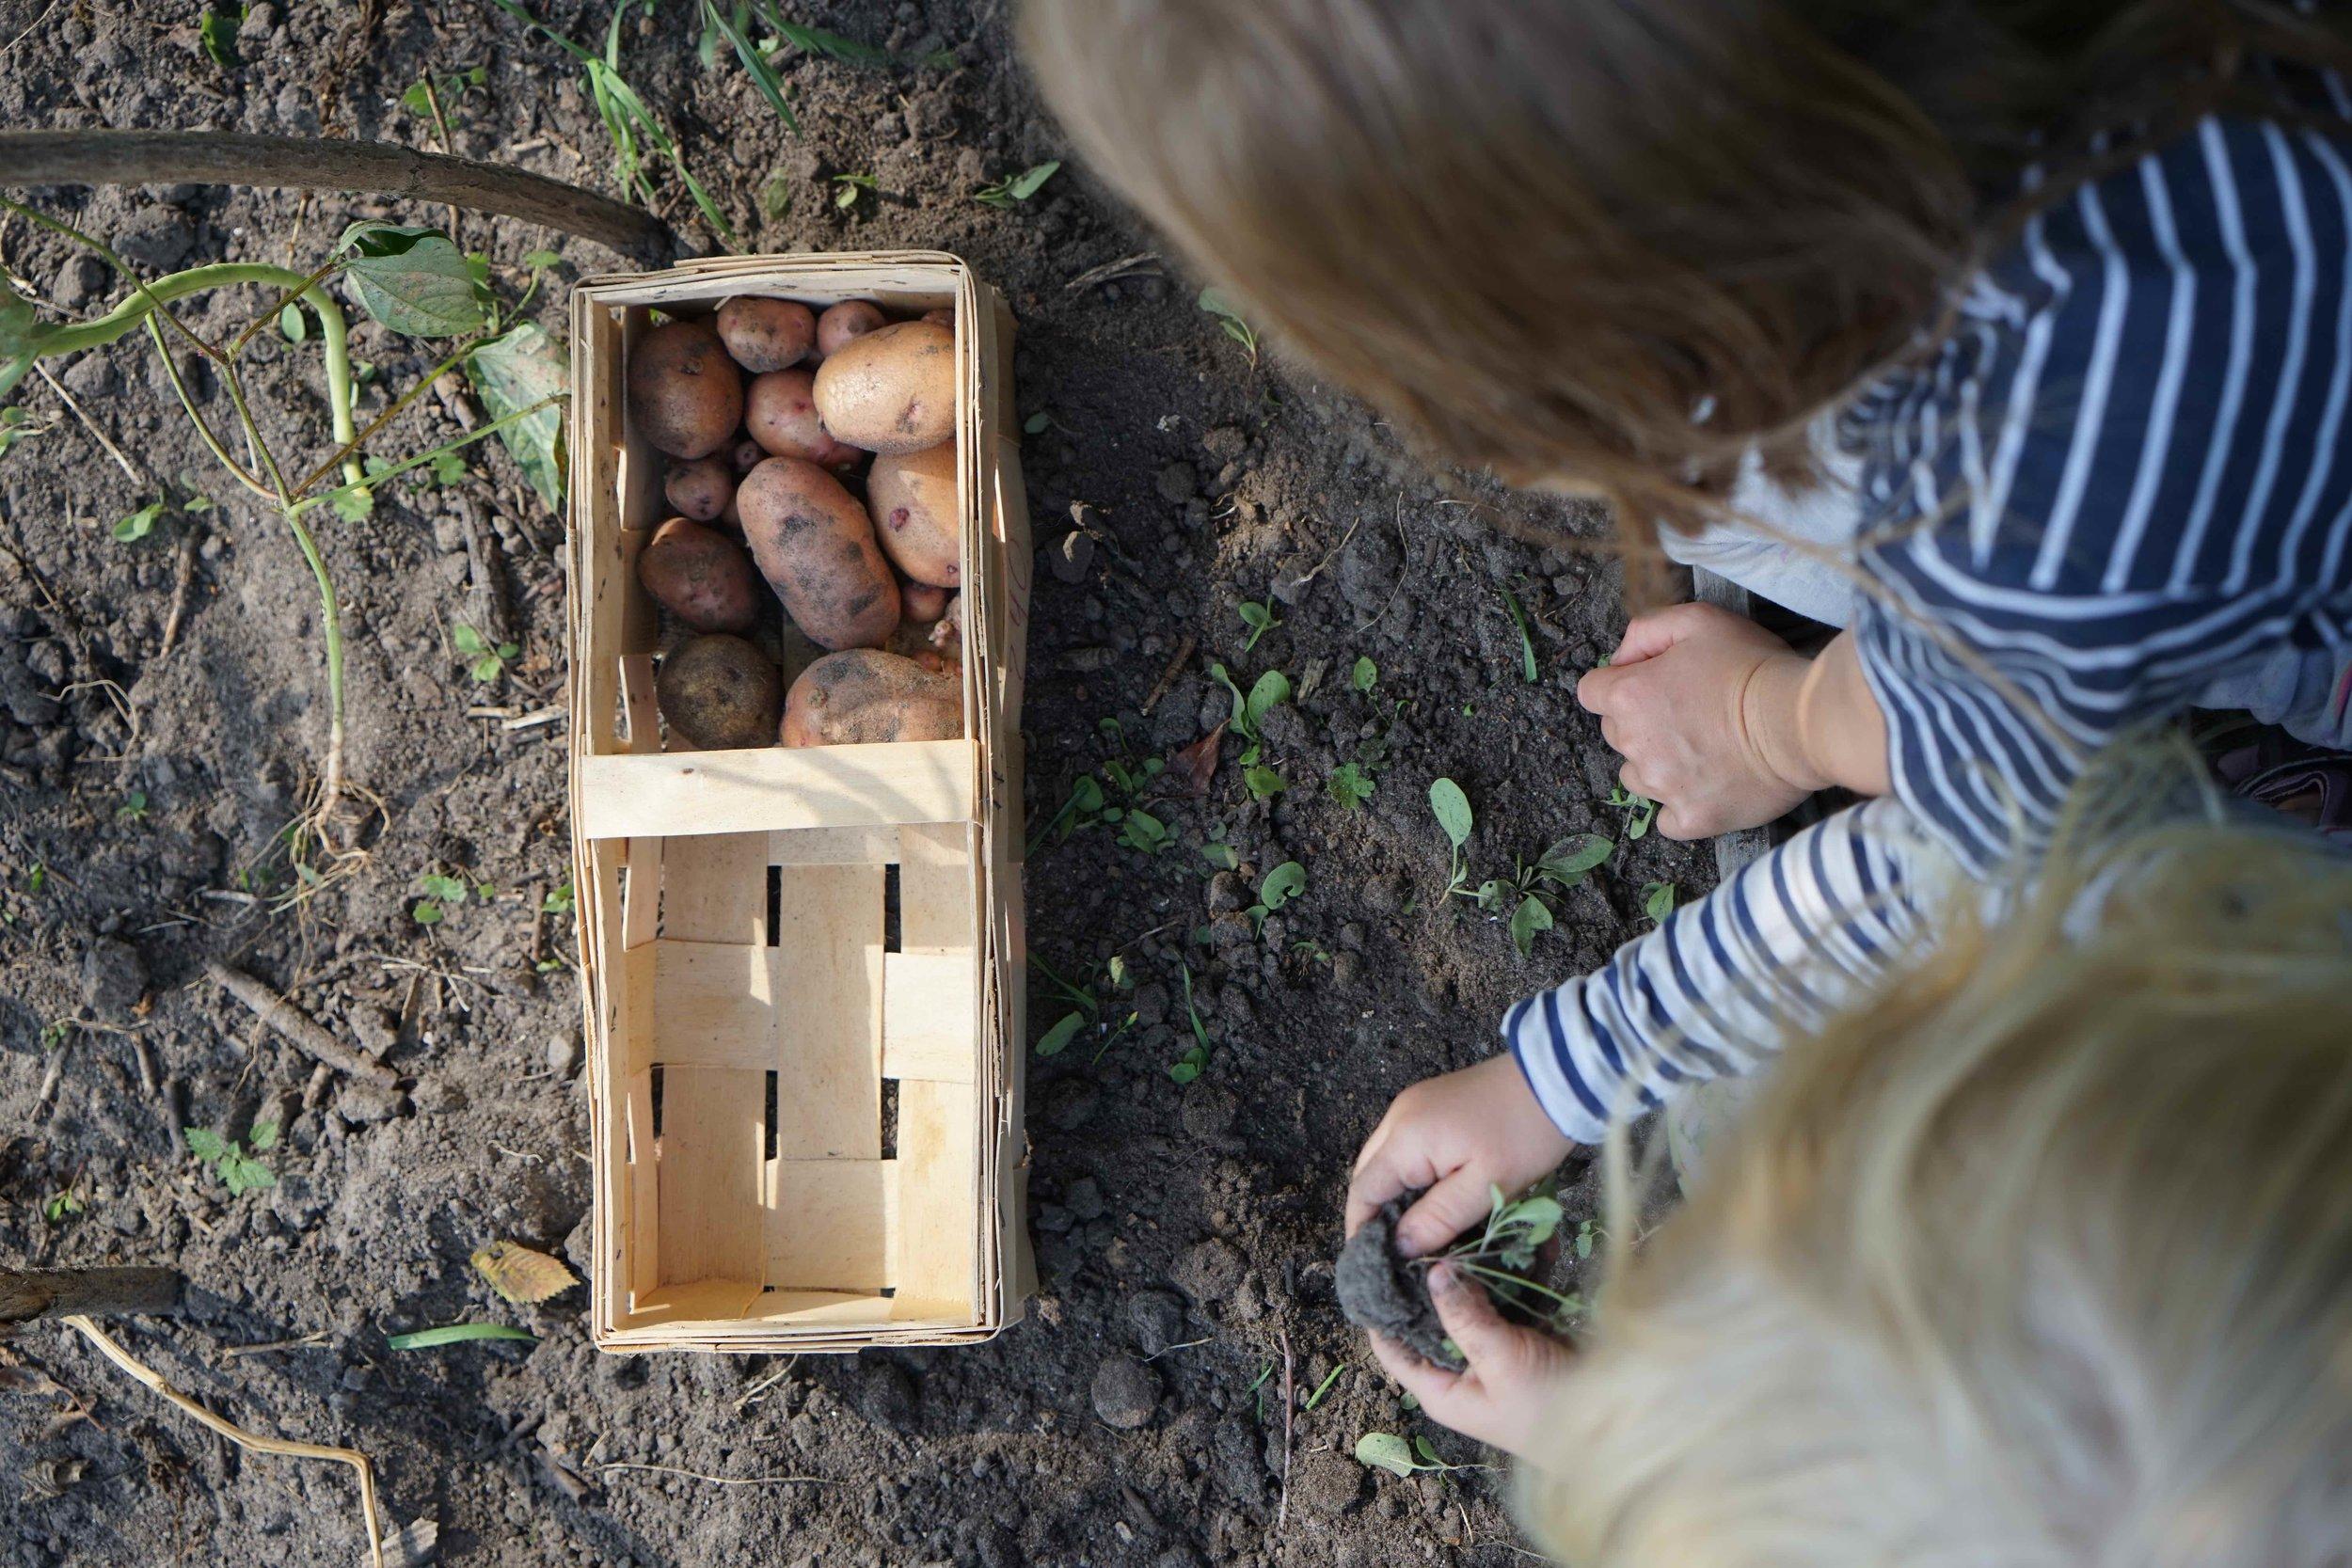 Hochbeet_Woche14_KartoffelernteKinder.jpg